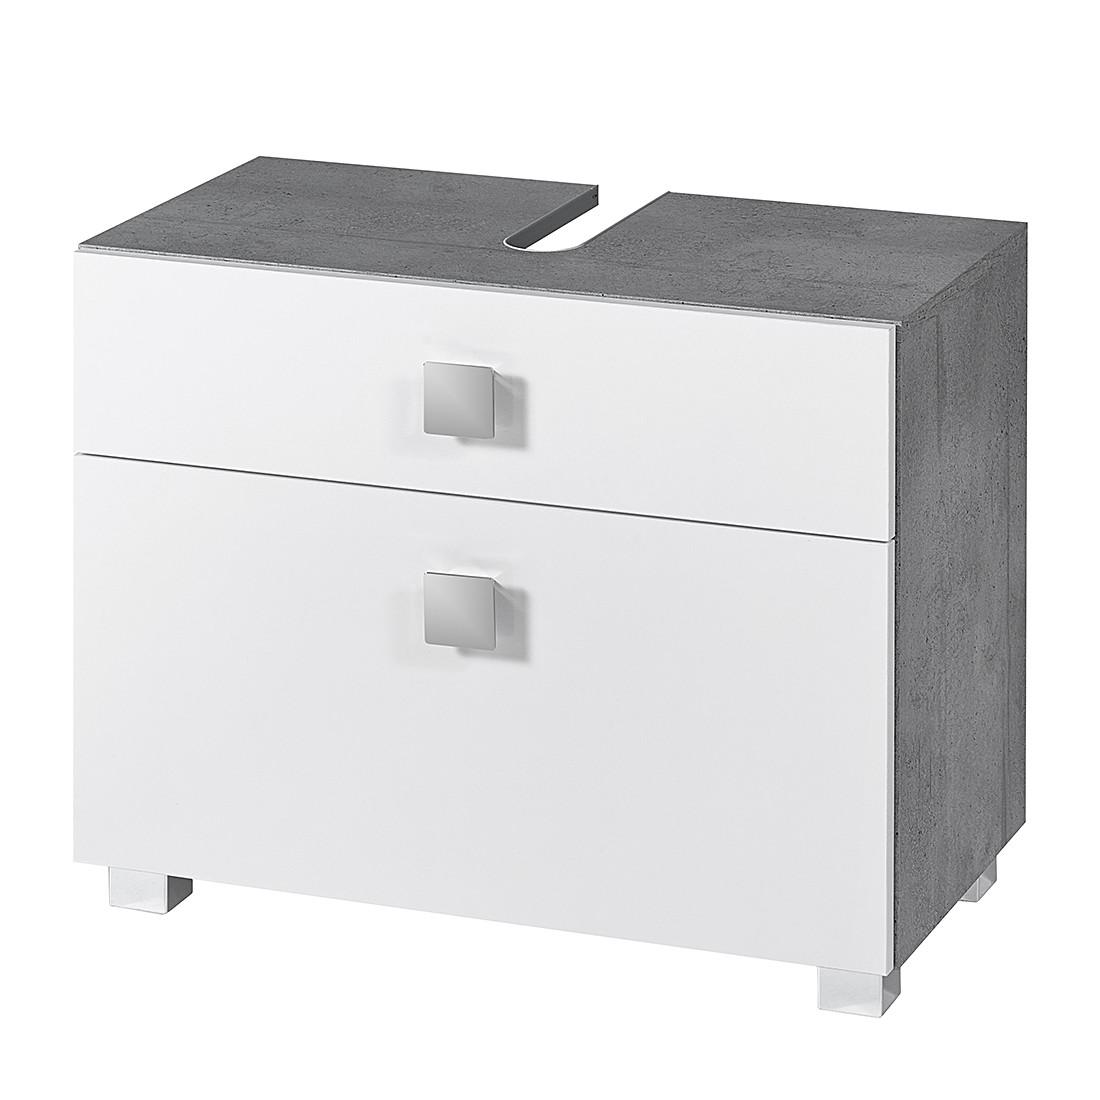 Waschbeckenunterschrank Genf – Weiß glanz/Steingrau, Giessbach online bestellen